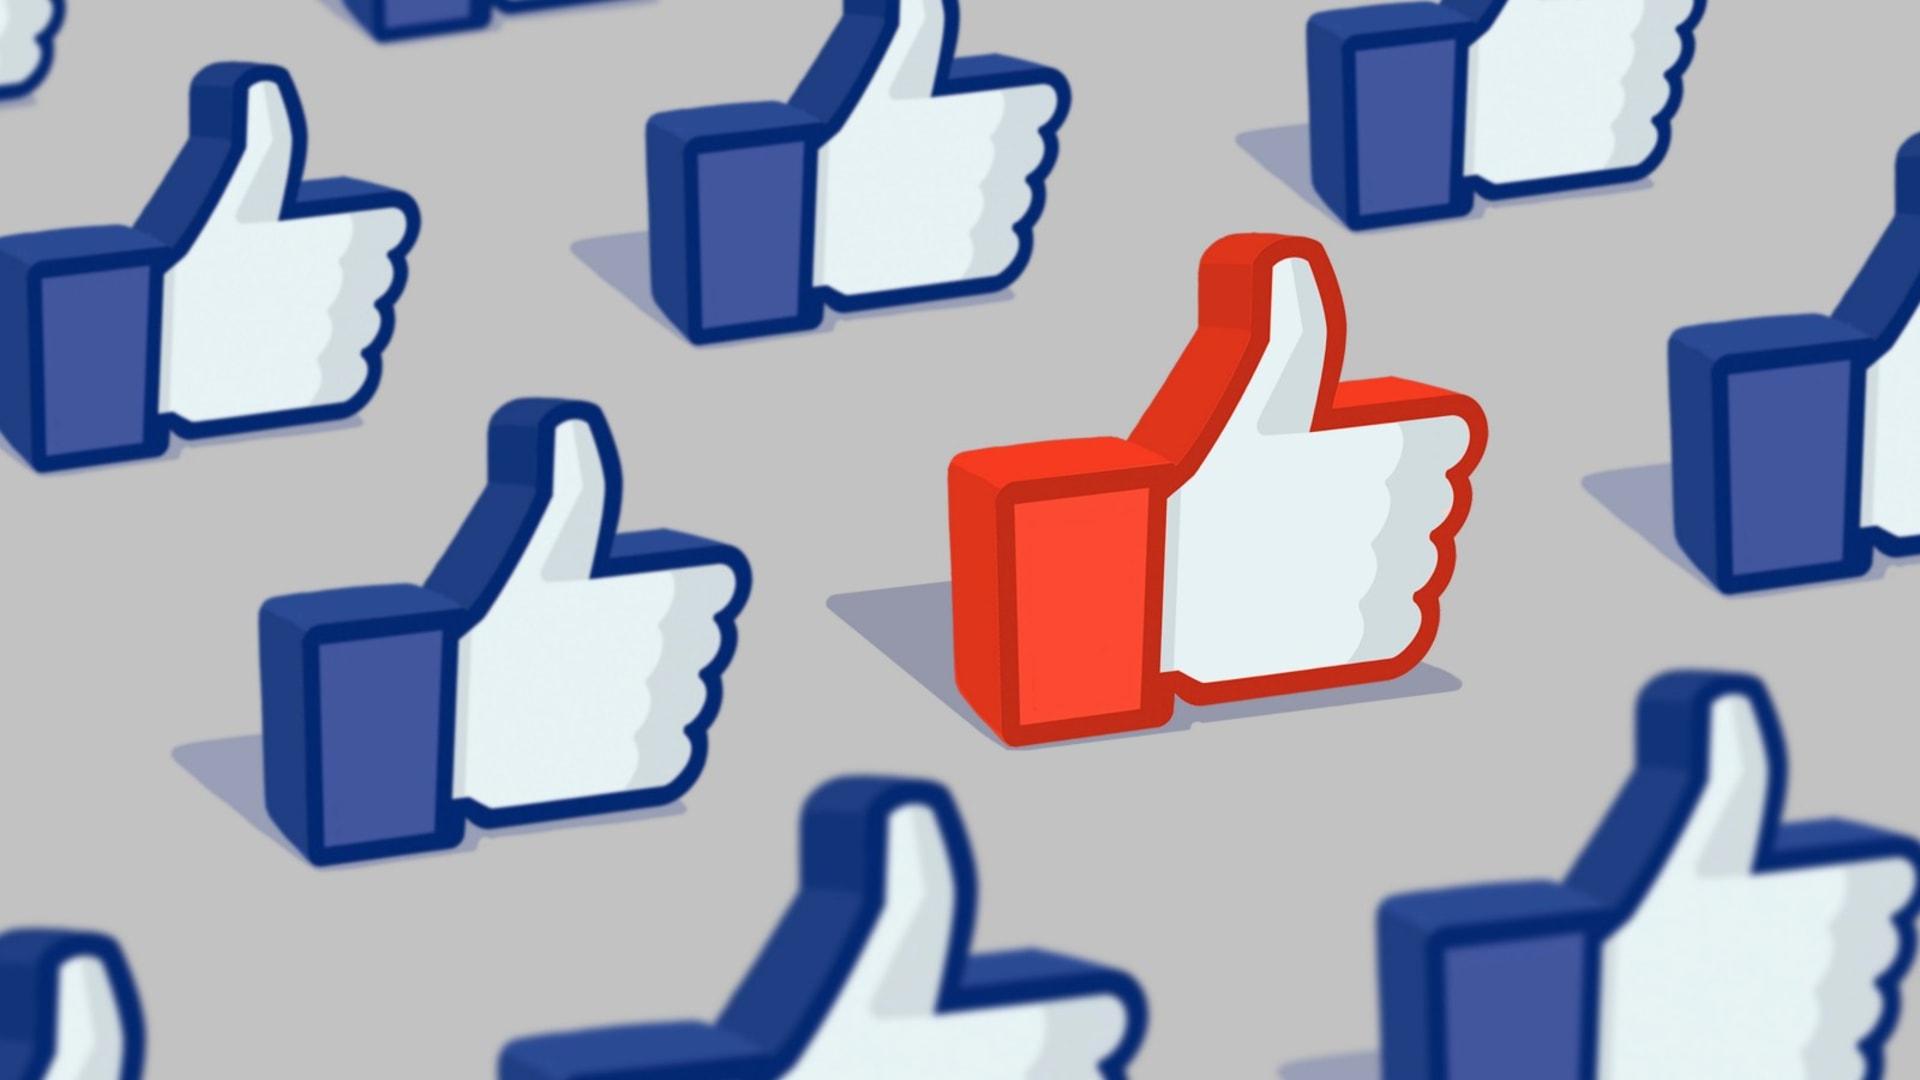 من بينهم ترامب وأردوغان..من هم الشخصيات السياسية الأكثر متابعة على فيسبوك وتويتر؟